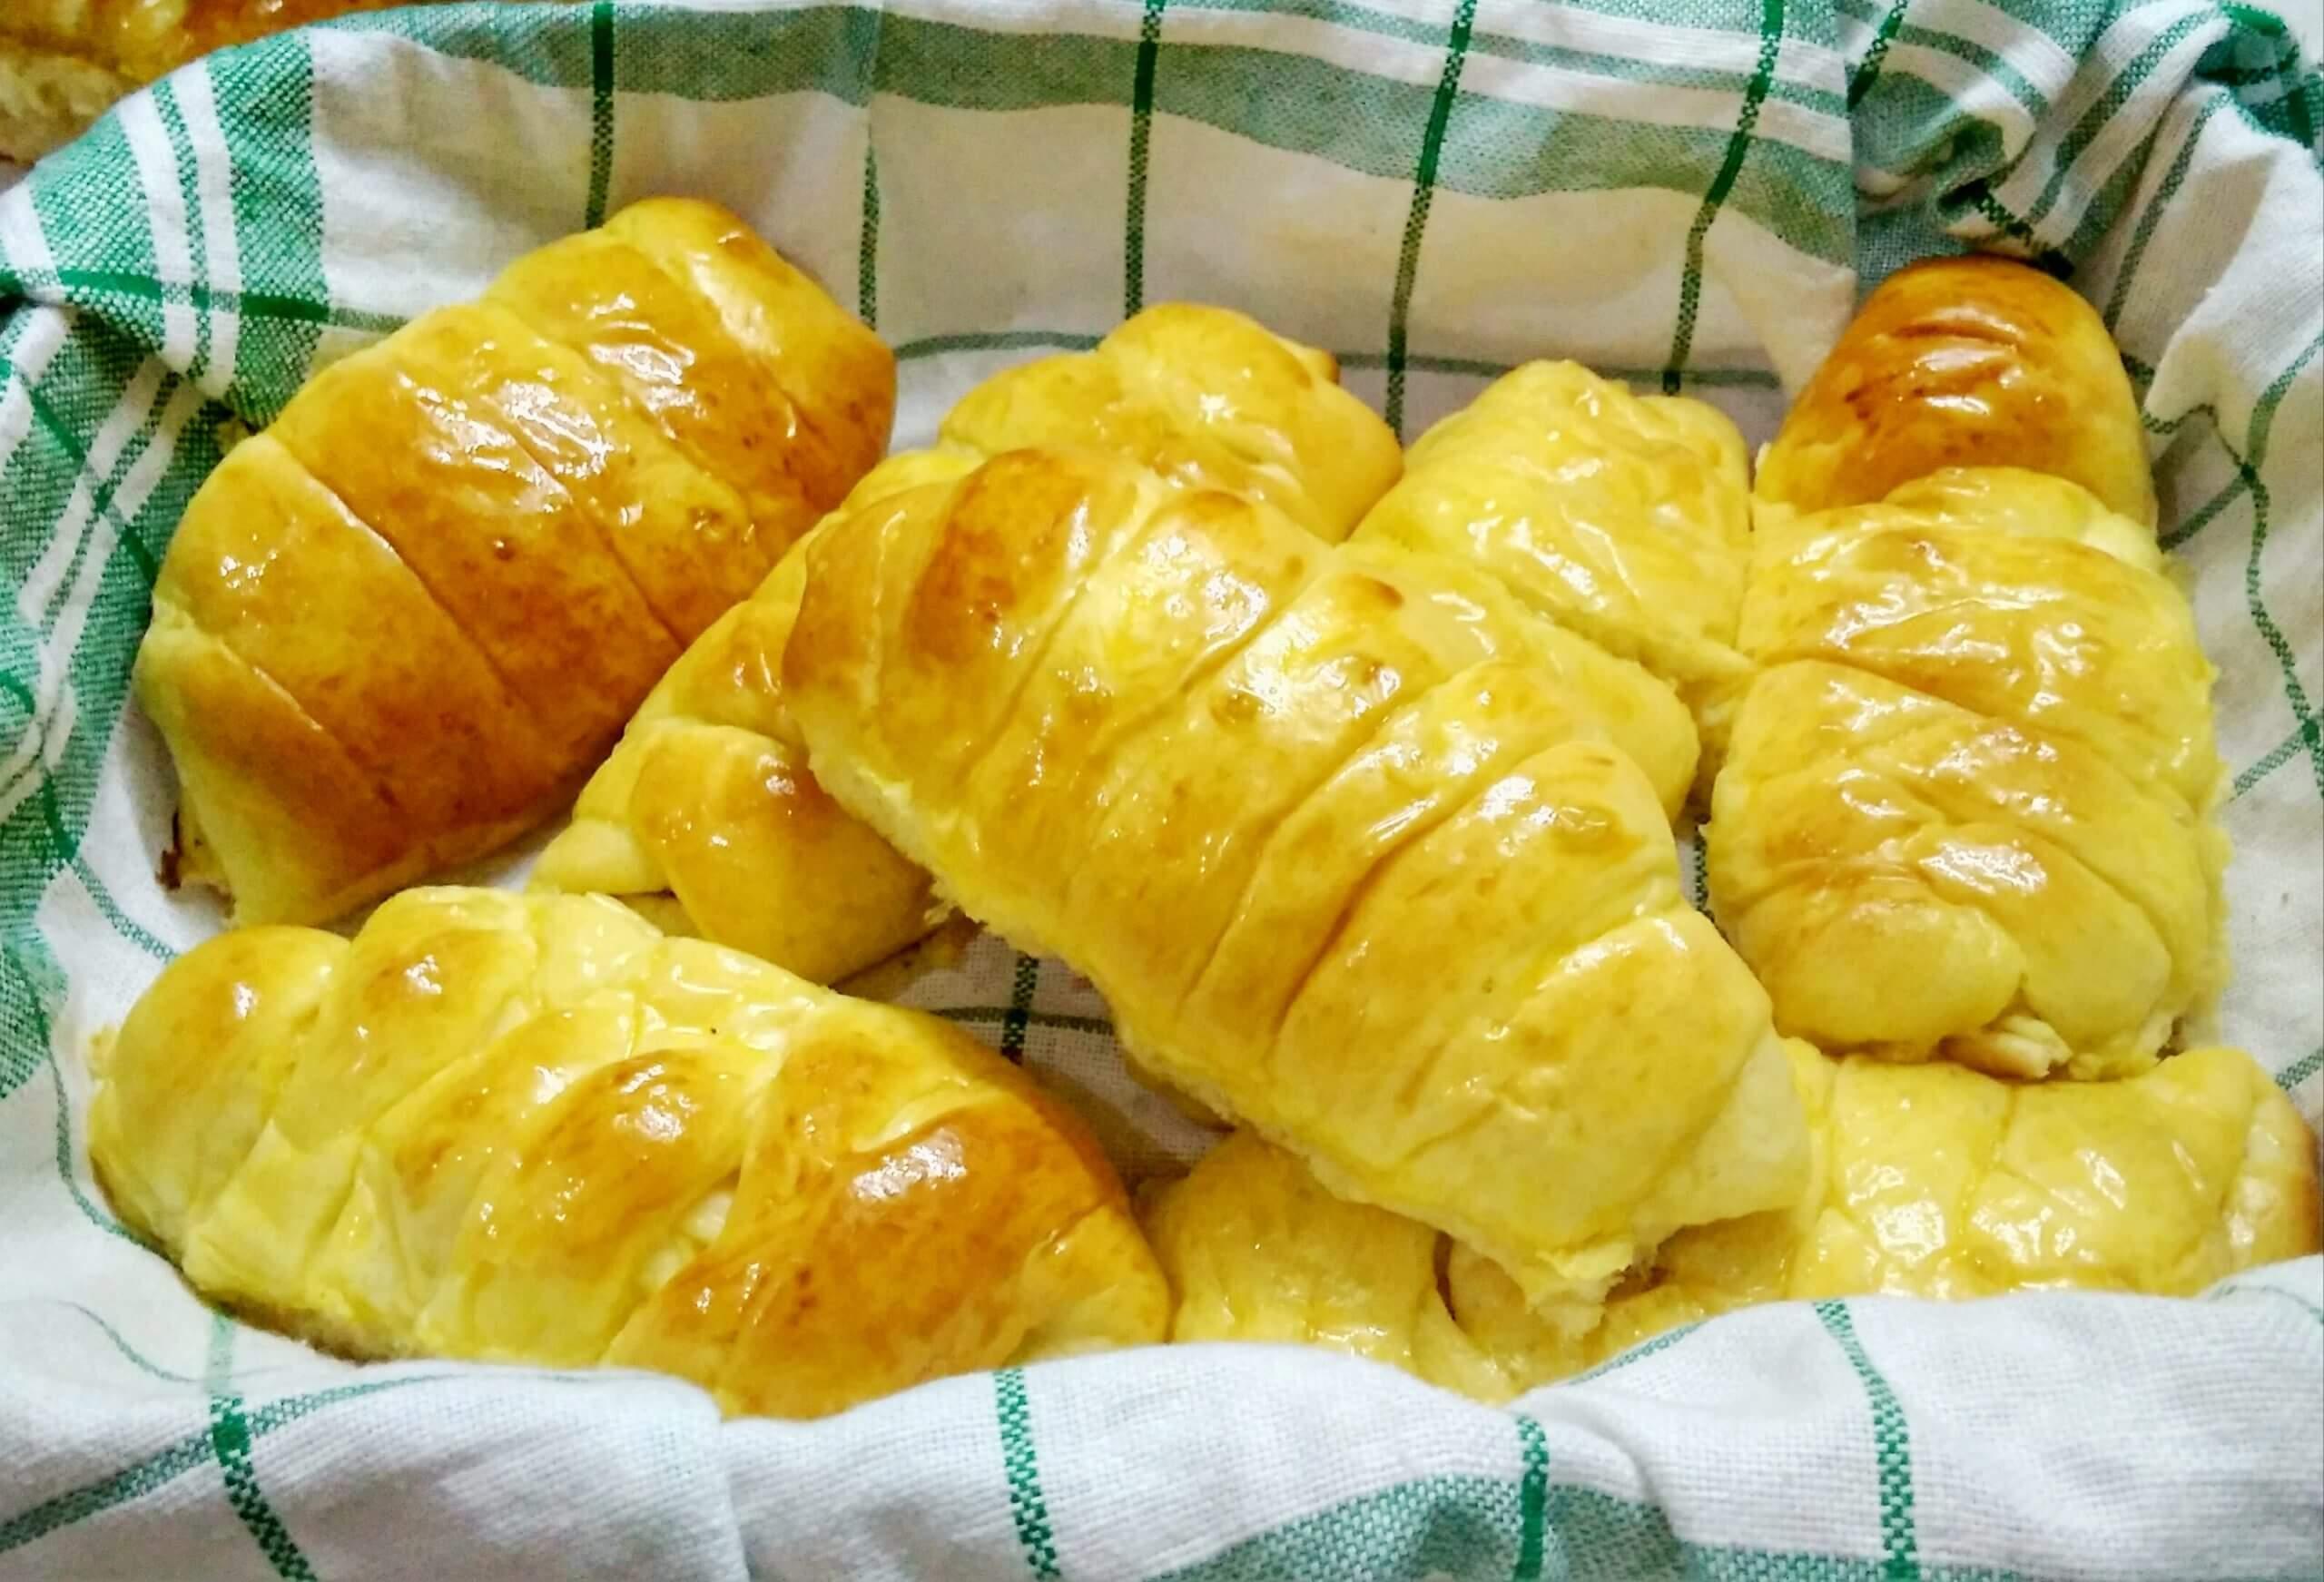 Resep roti keju enak dan lembut ala bakery